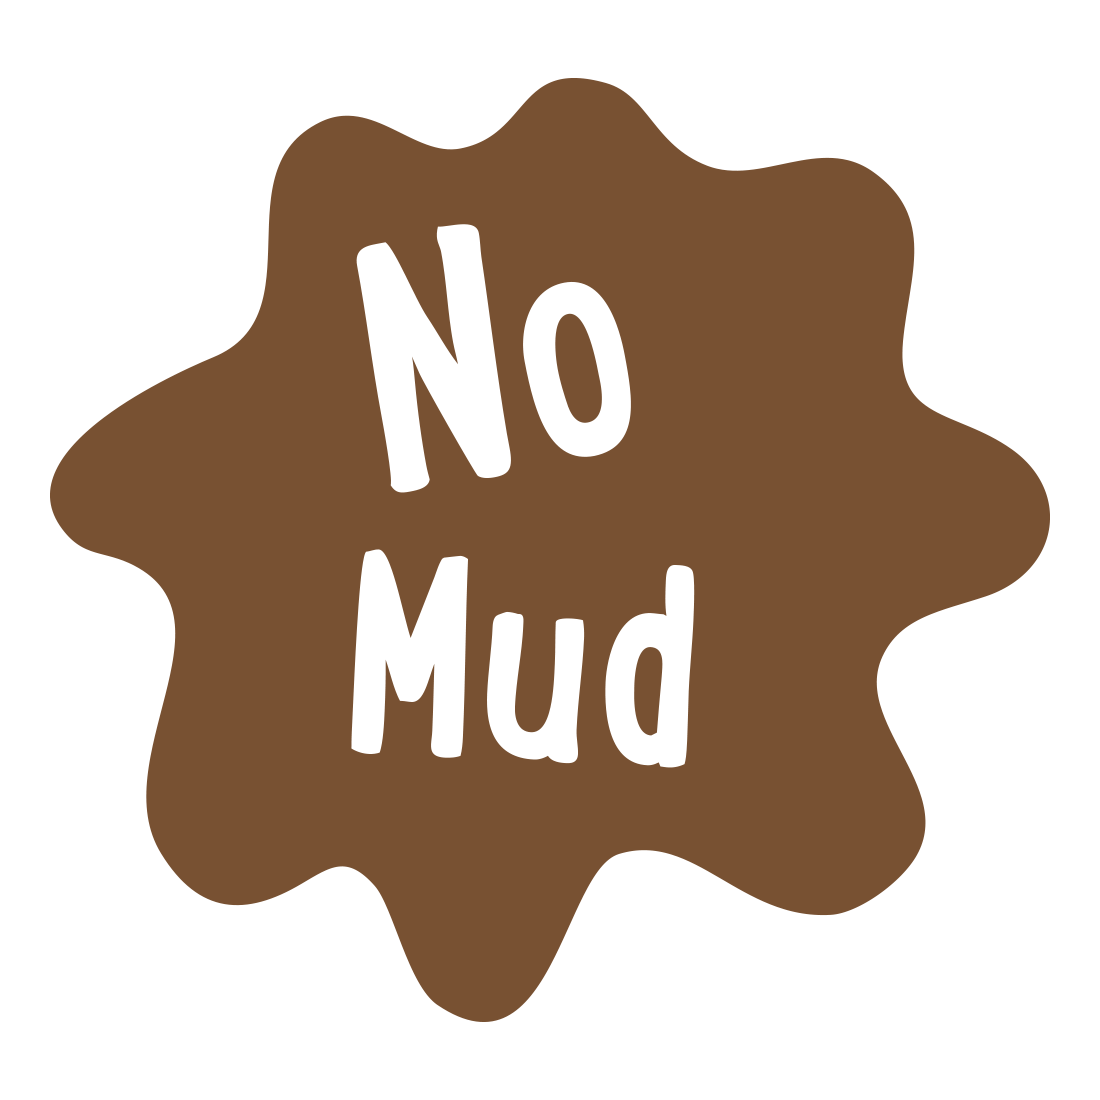 No Mud